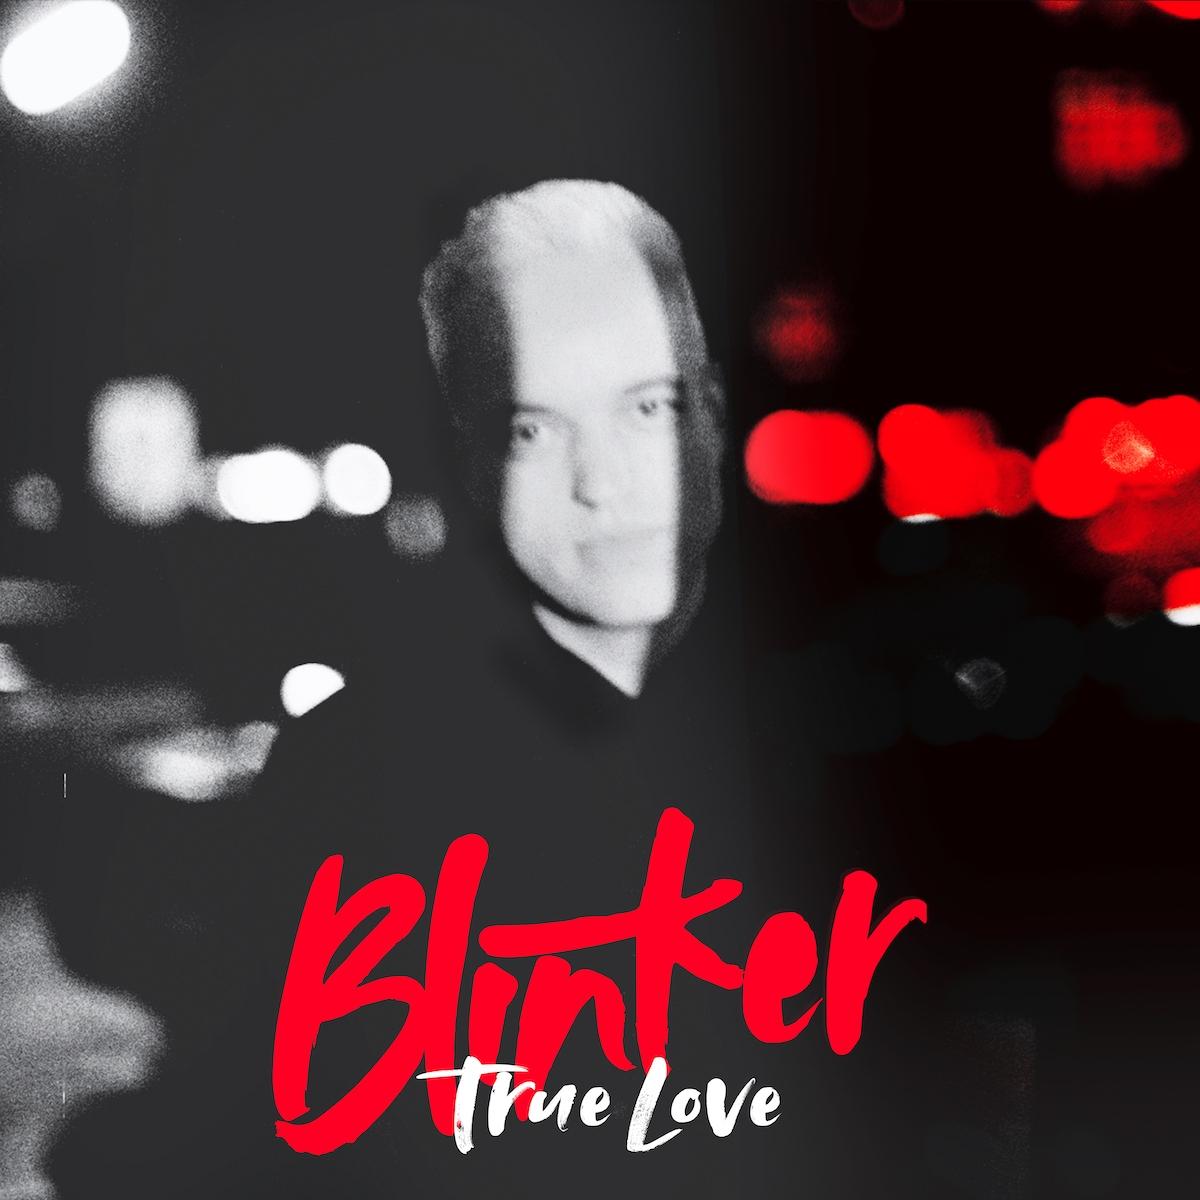 Blinker - Single - True Love - 2021 - s'läuft! Radio-Promotion